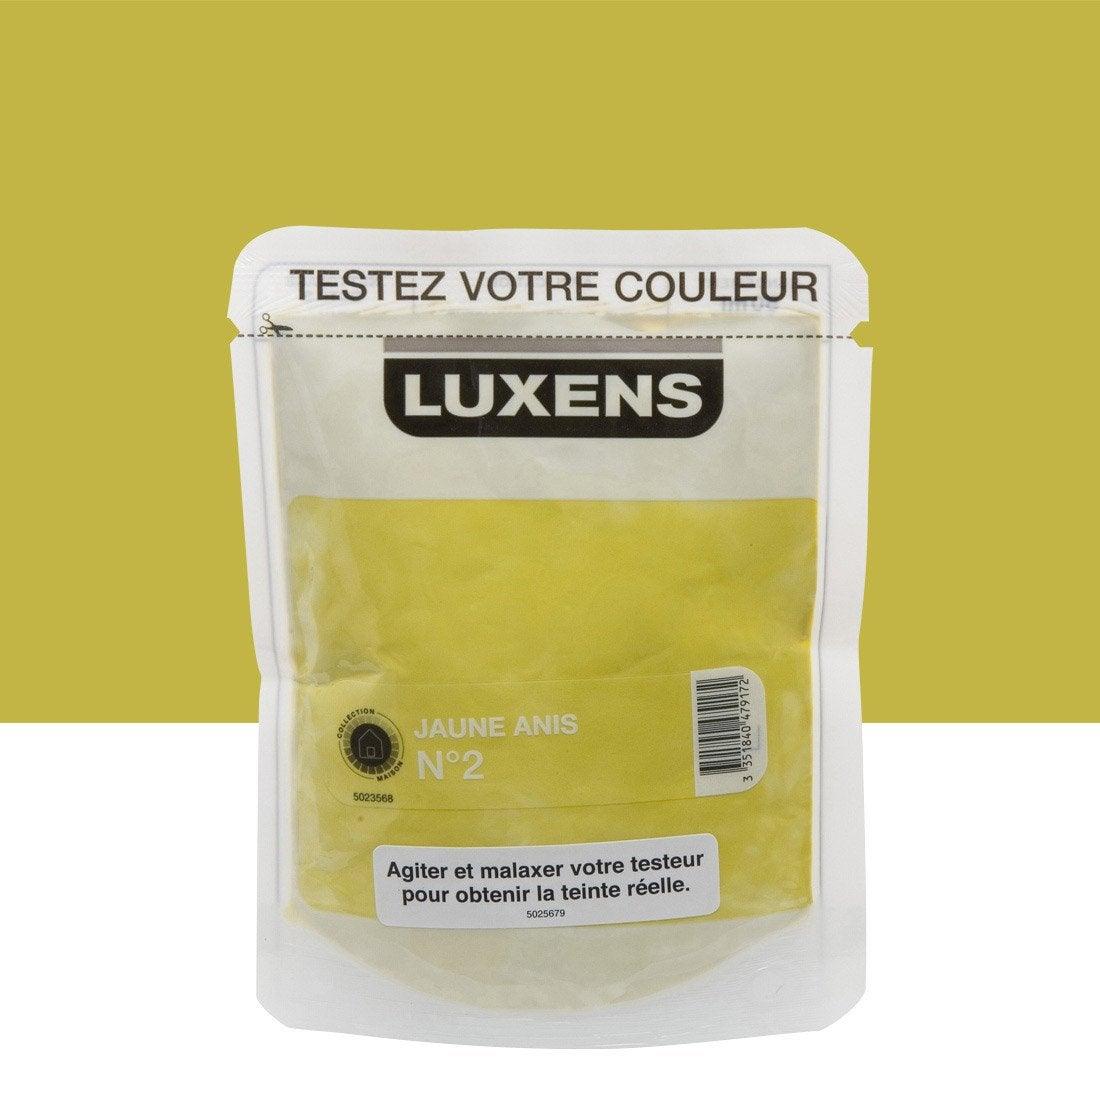 Testeur peinture jaune anis 2 luxens couleurs intérieures satin ...